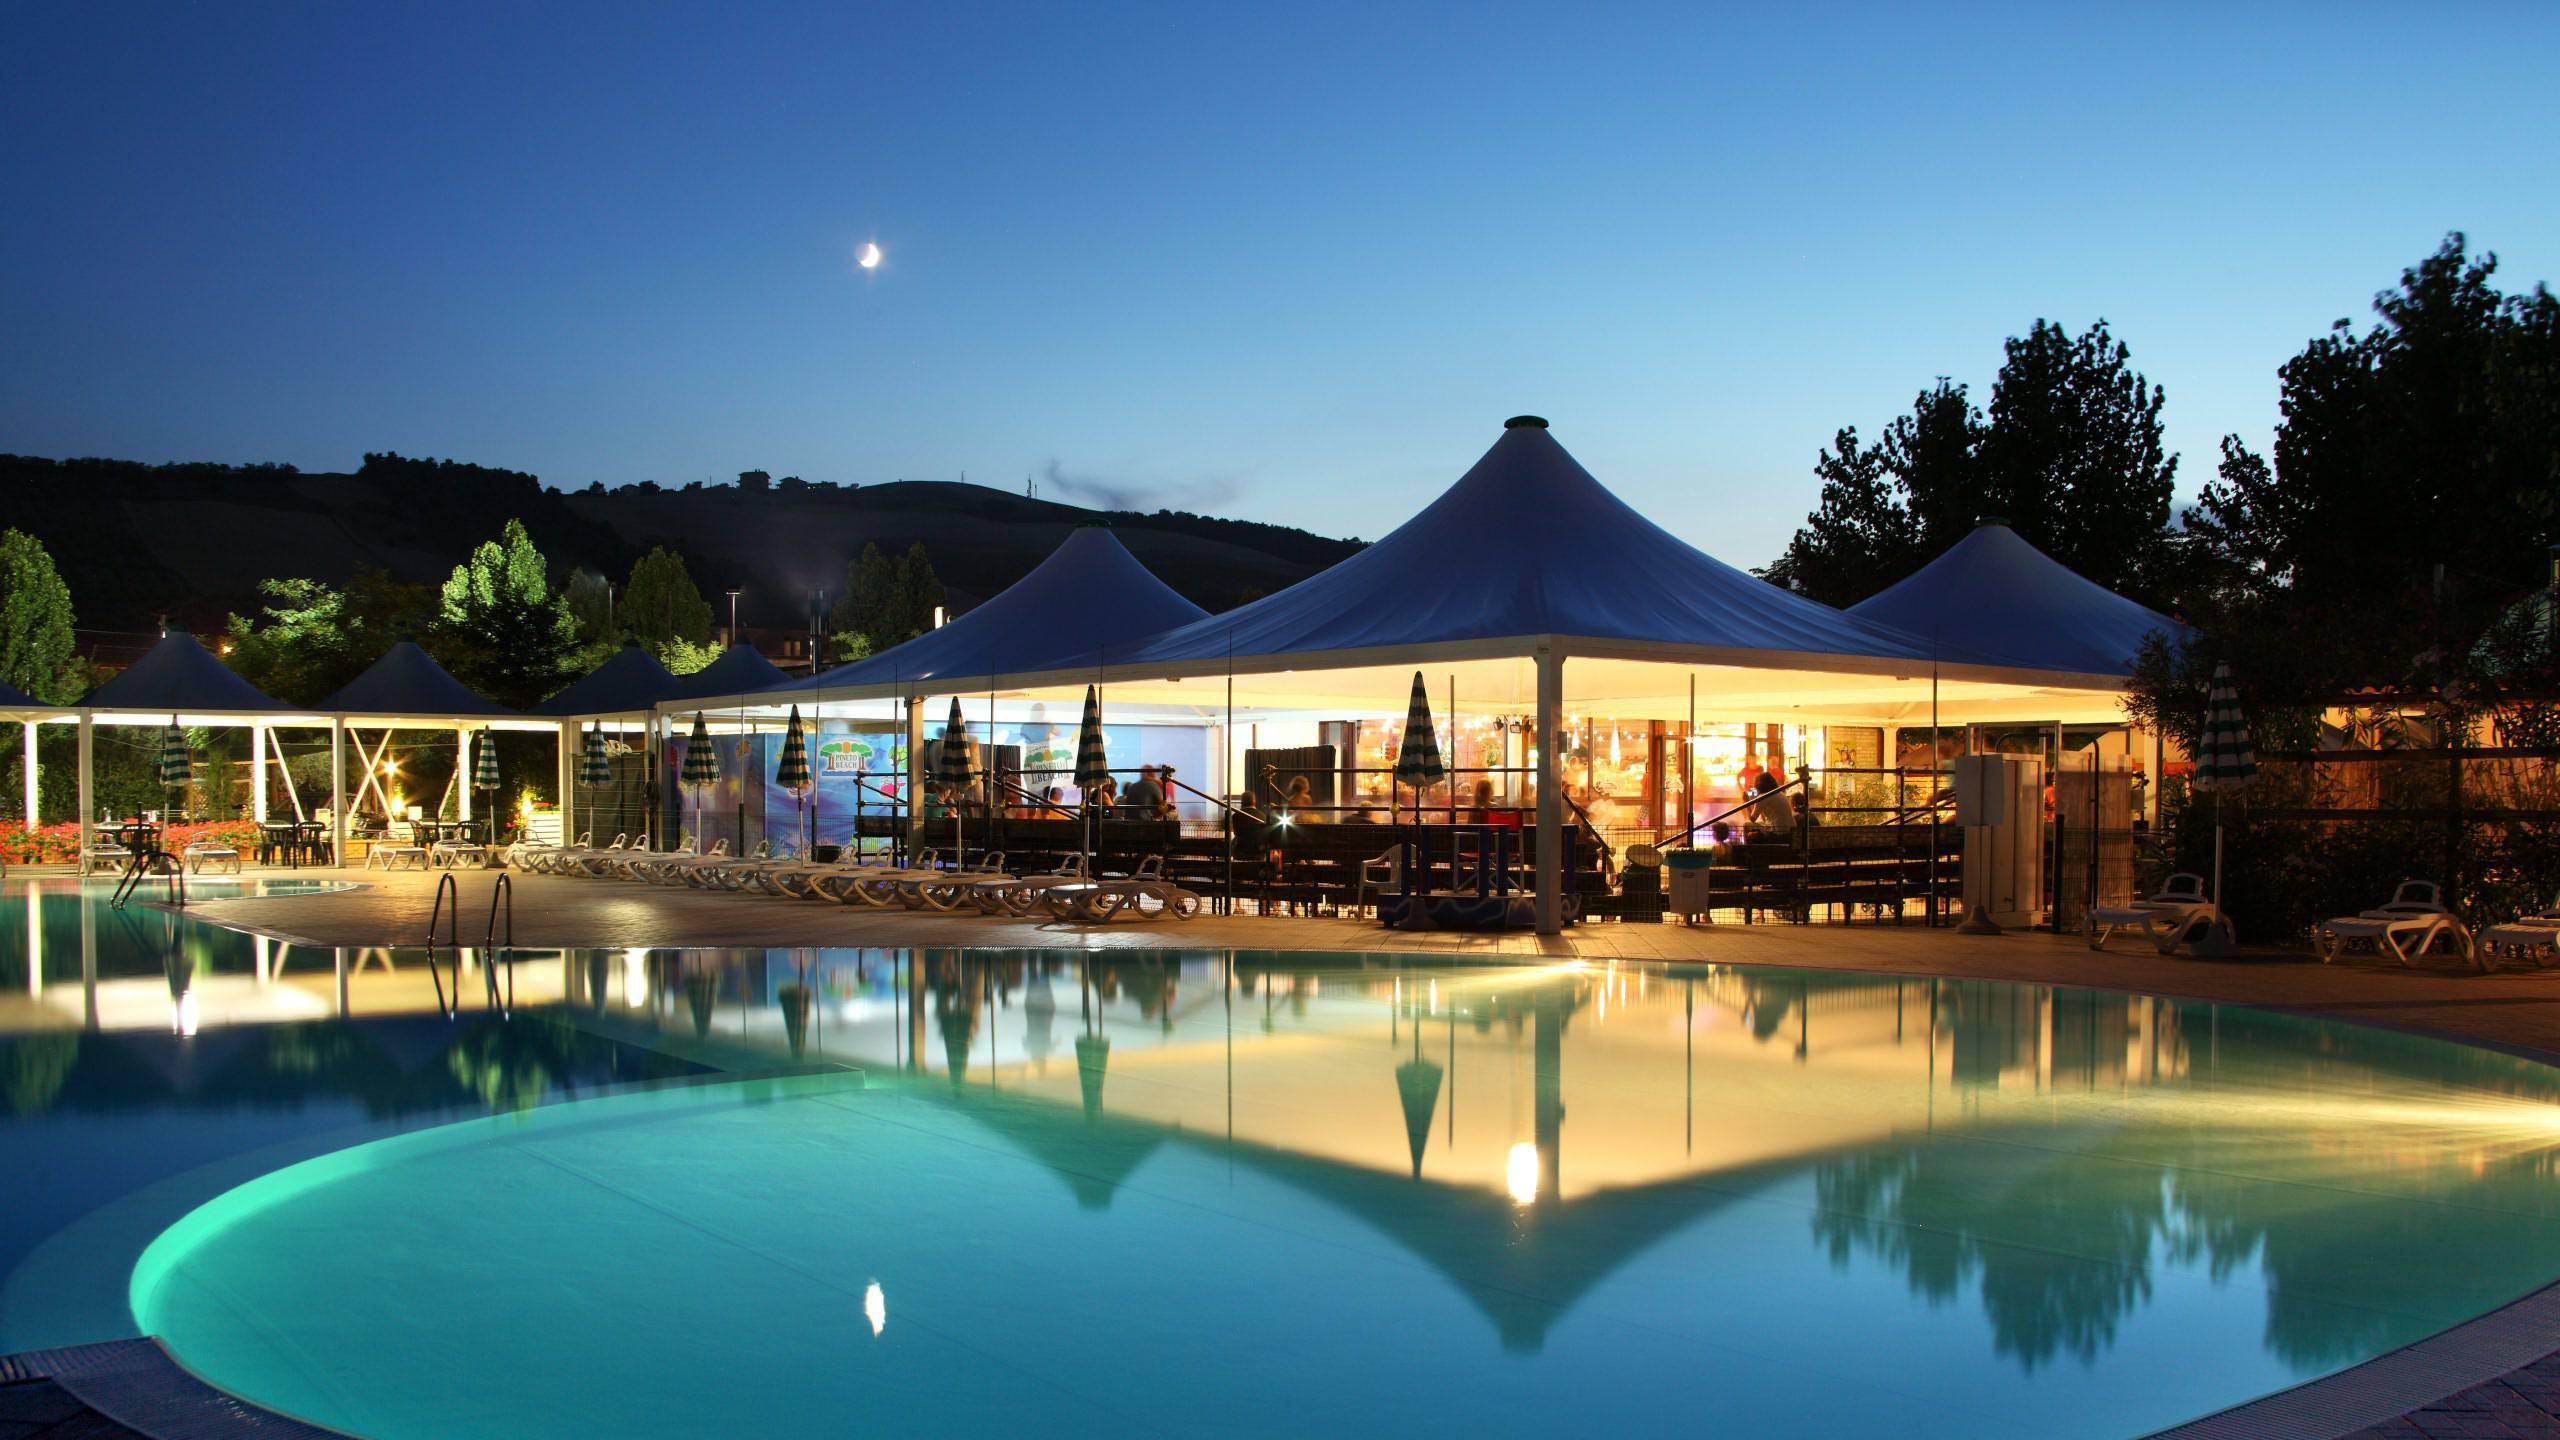 pineto-beach-village-camping-pineto-abruzzo-piscina-mare-24